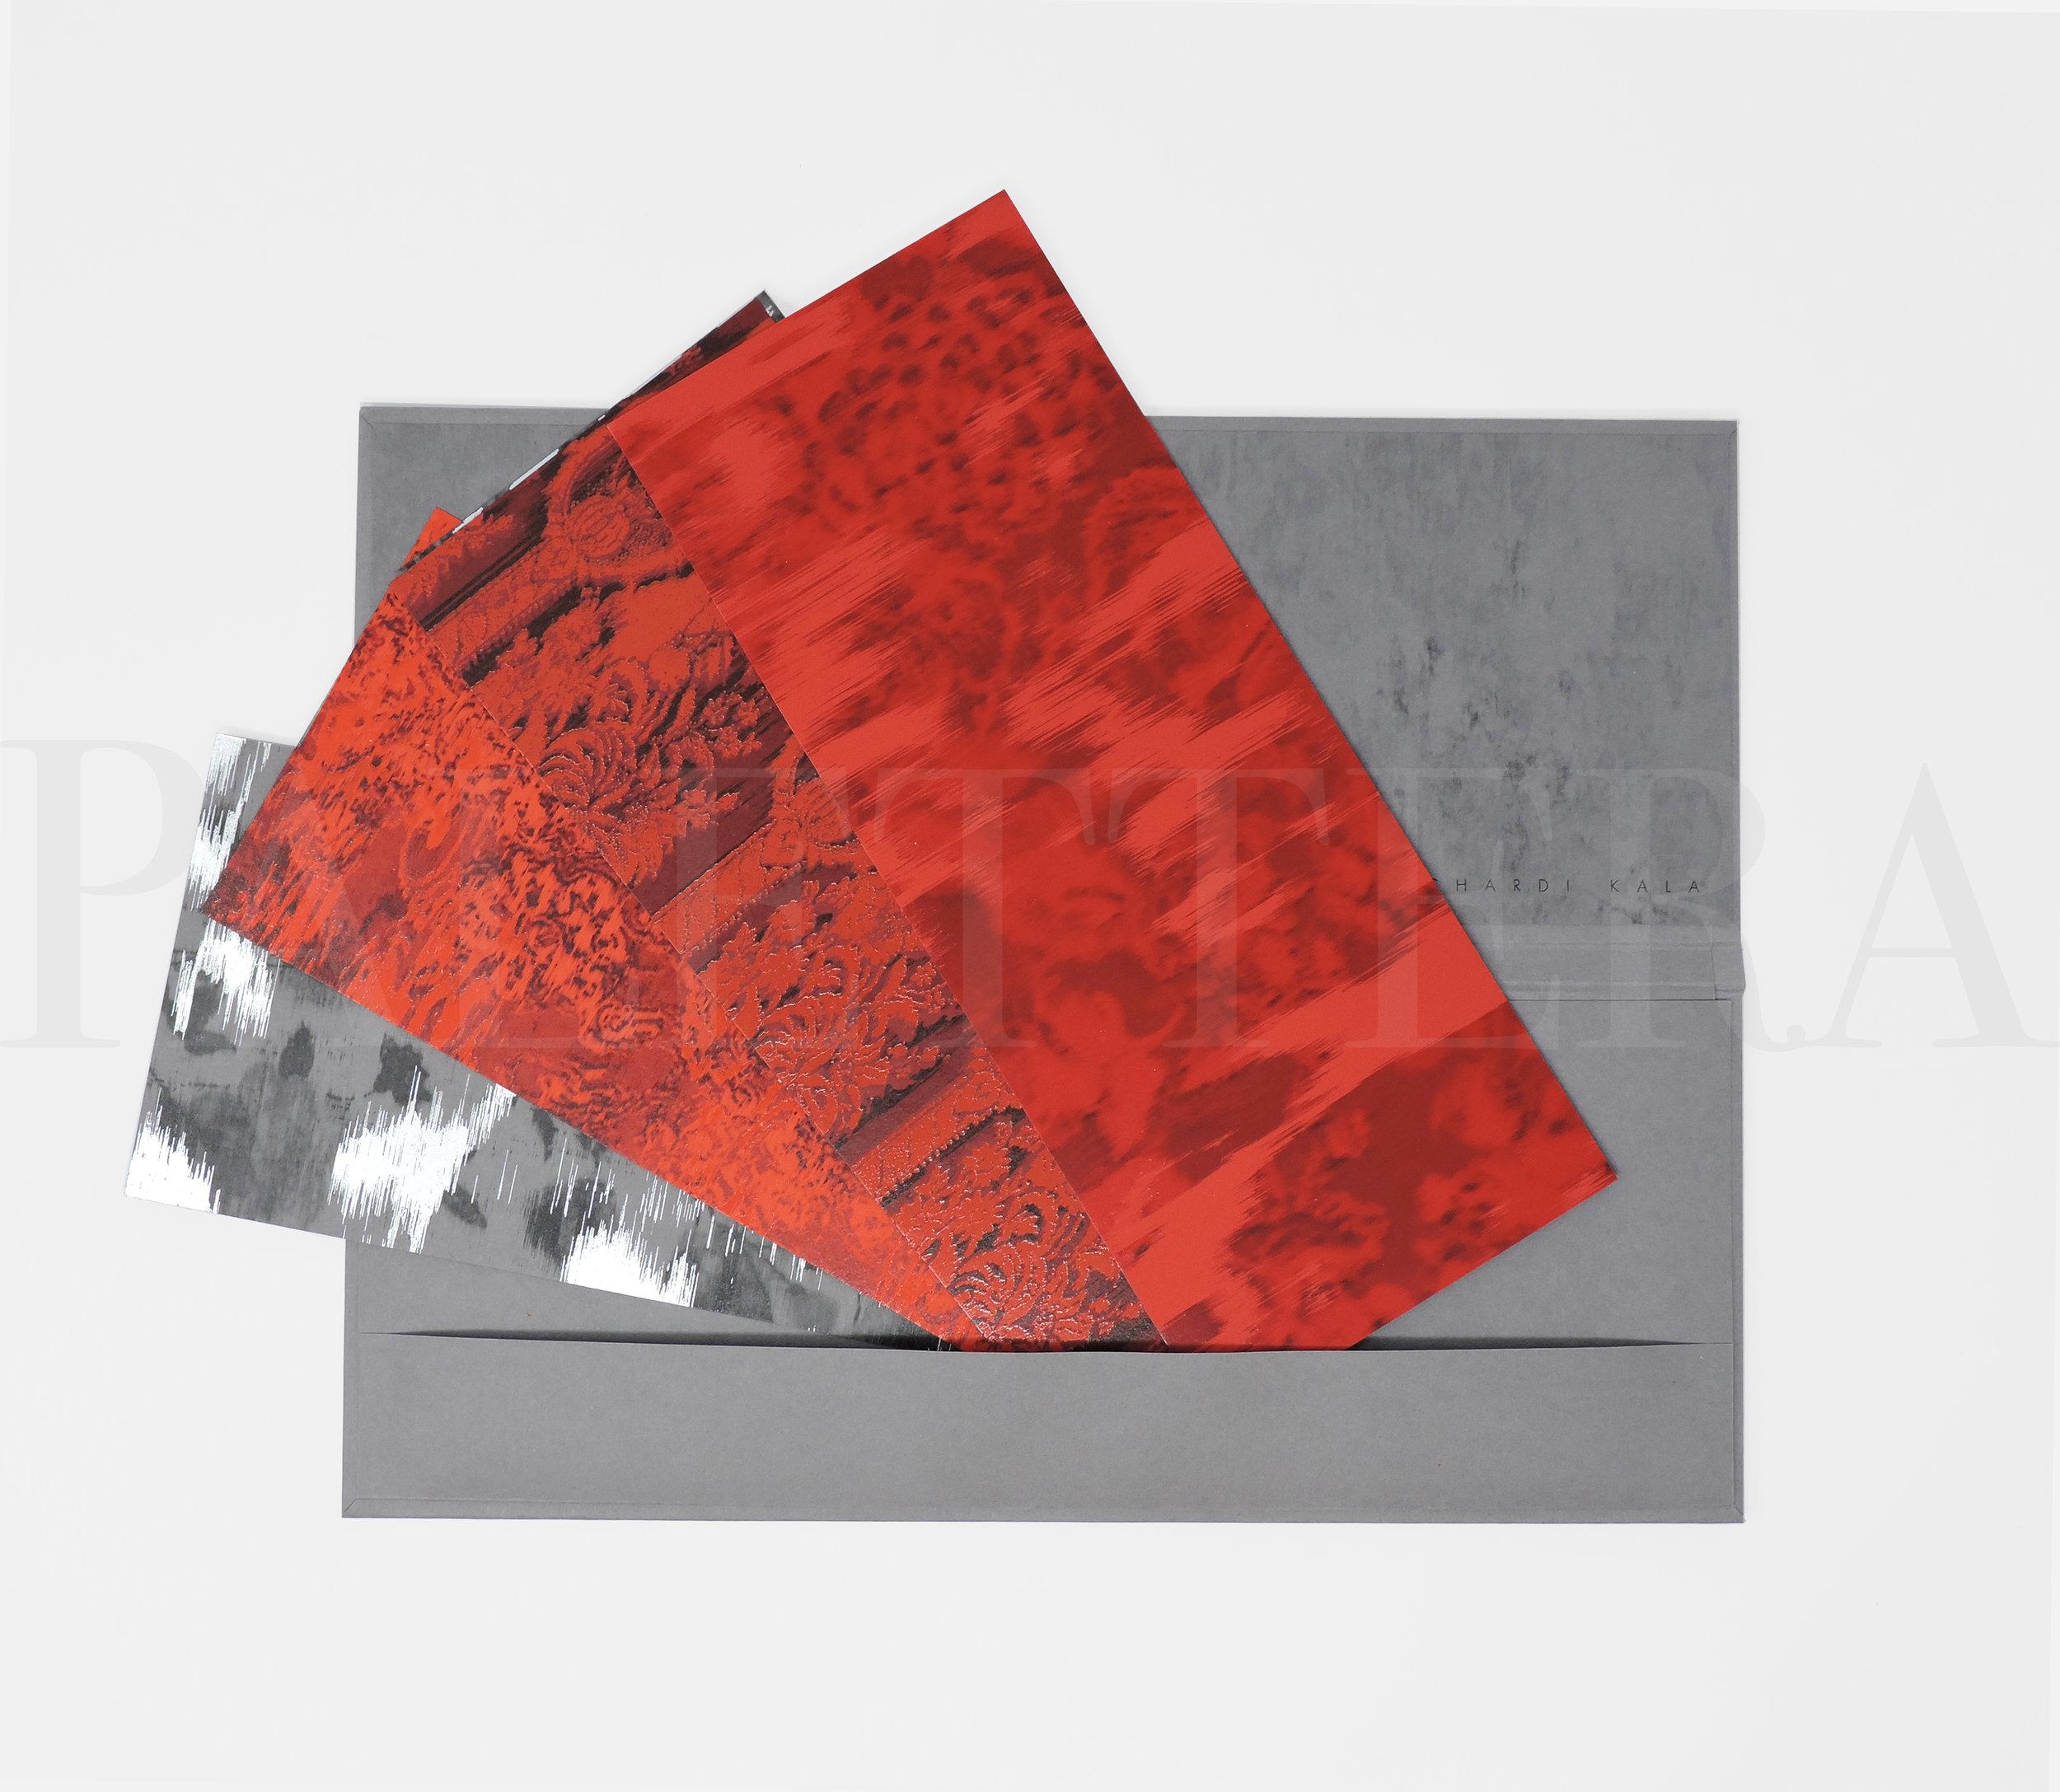 DSCN3467_edited_watermarked.jpg